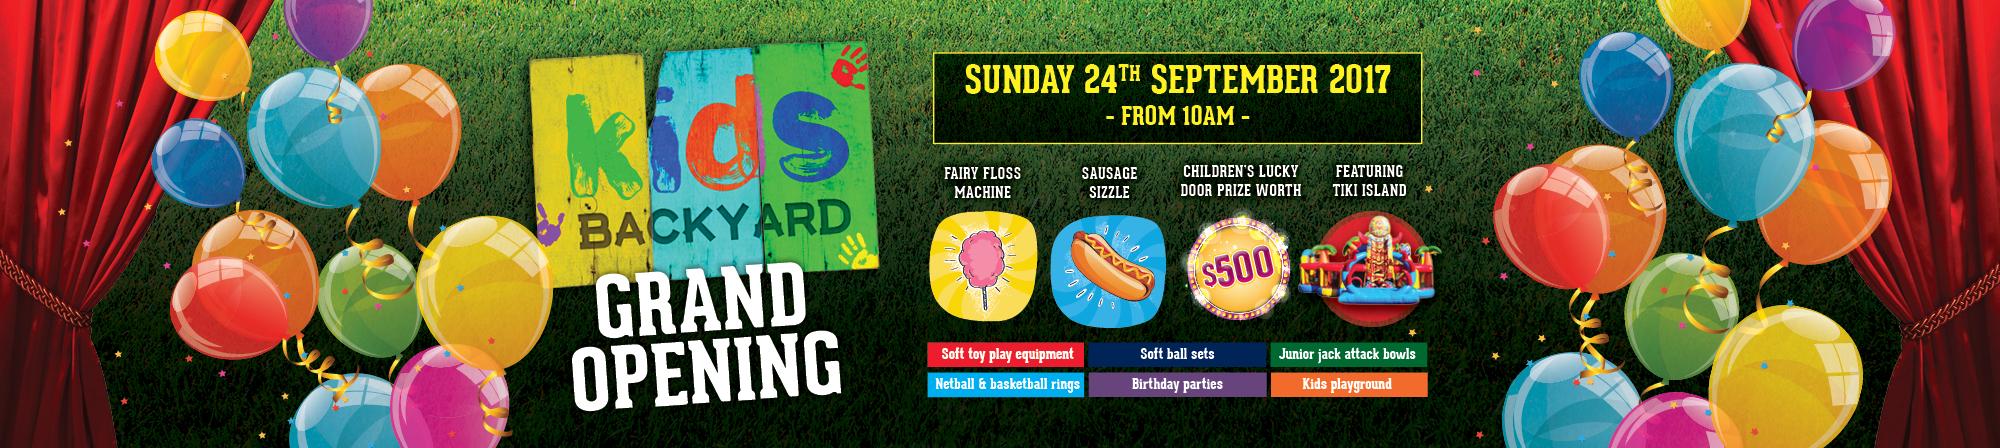 Kids-Backyard-Grand-Opening-2000x448